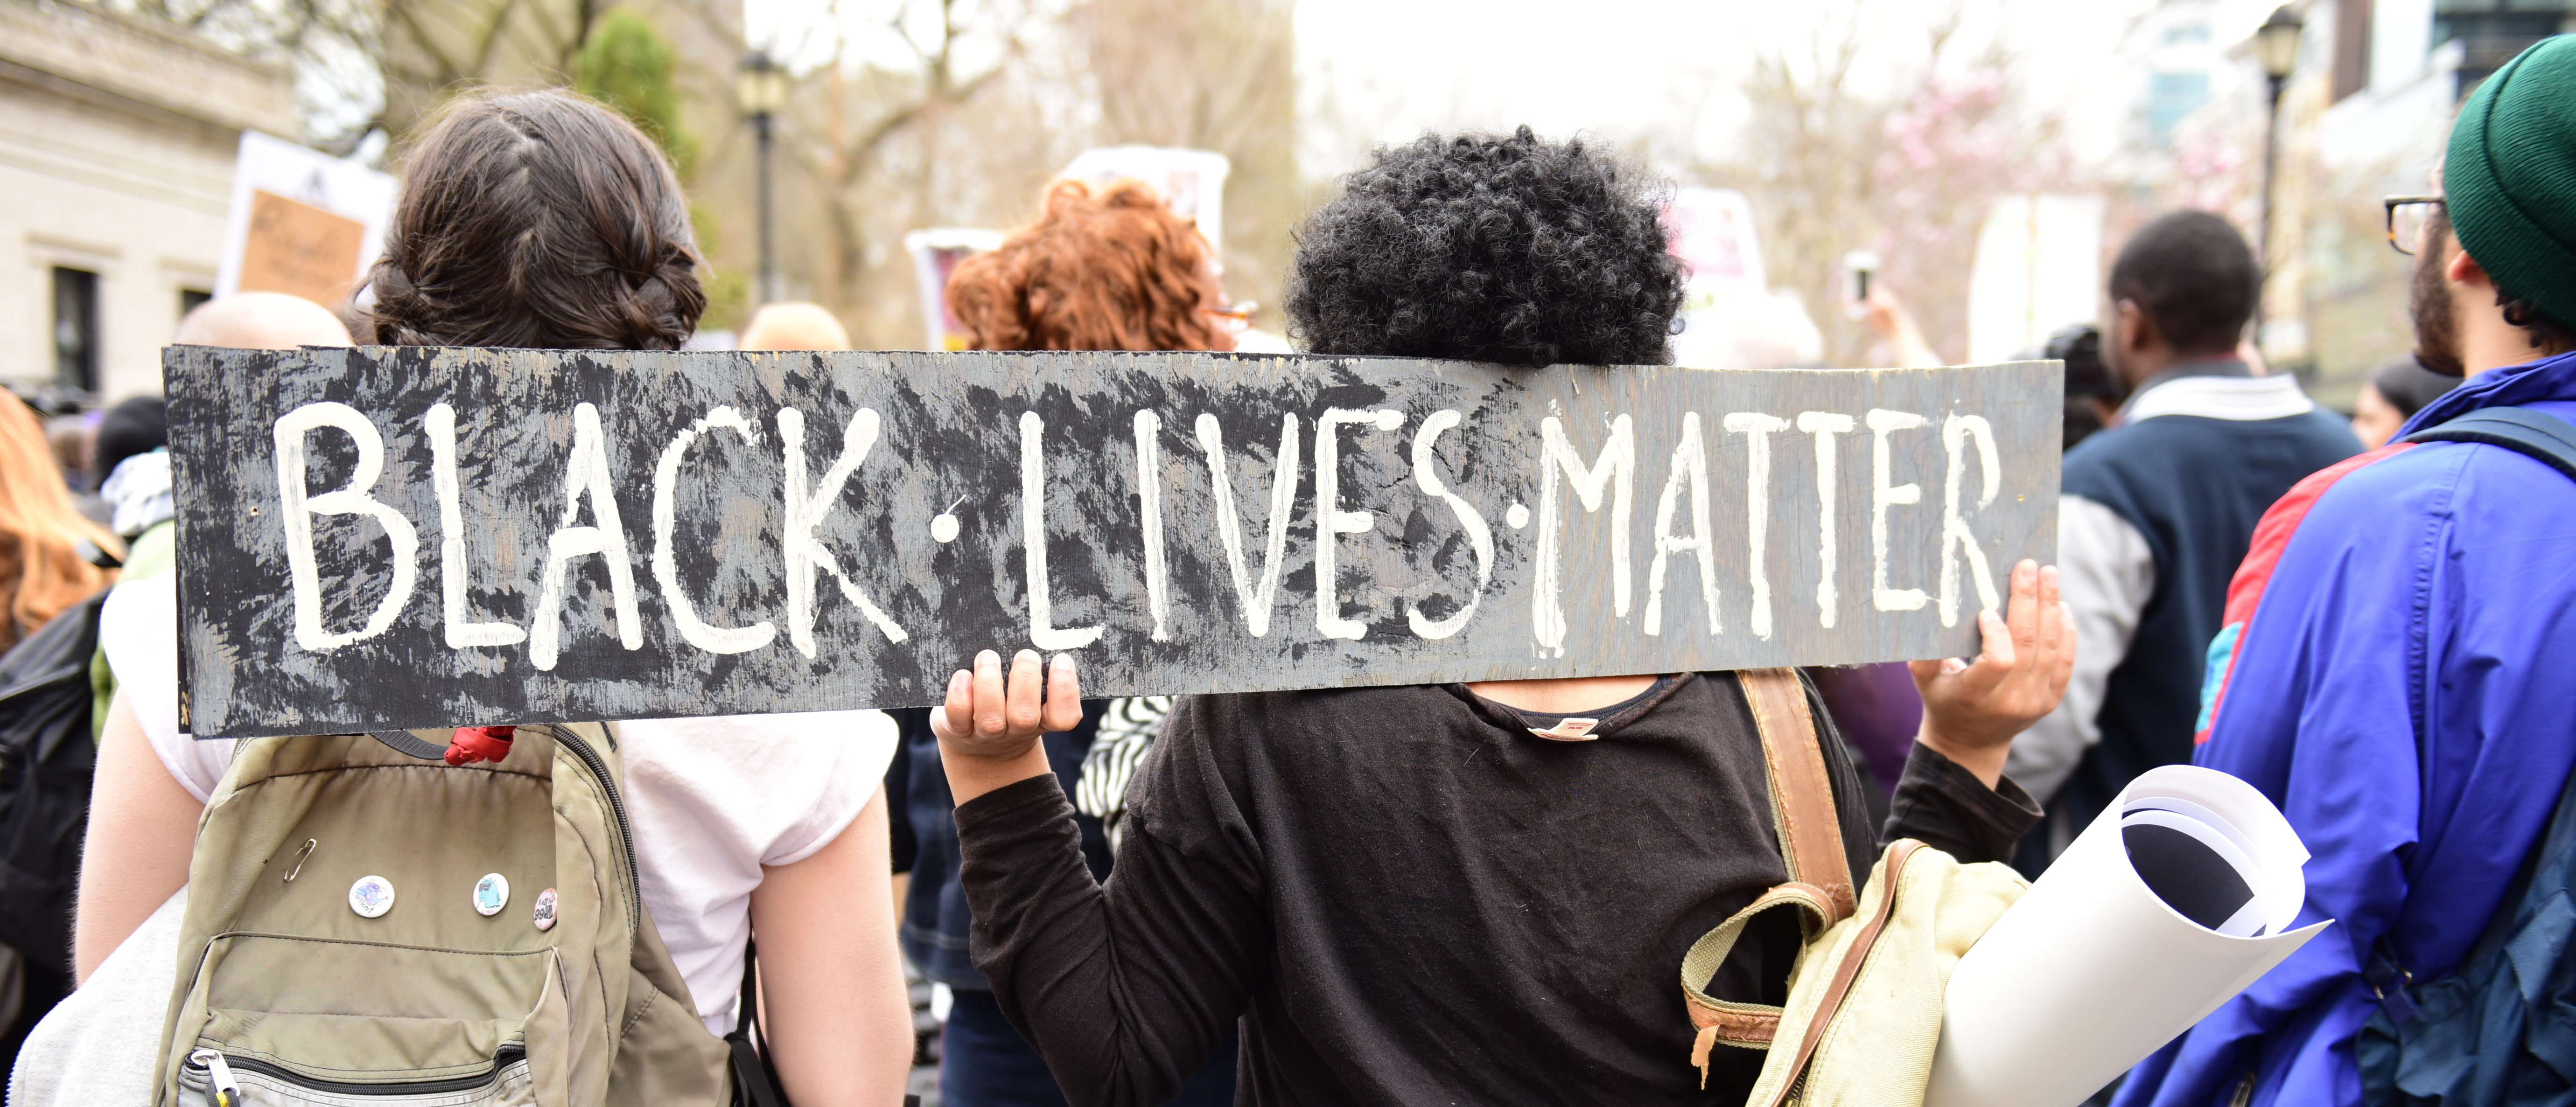 Black Lives Matter. (SHUTTERSTOCK/KATZ)